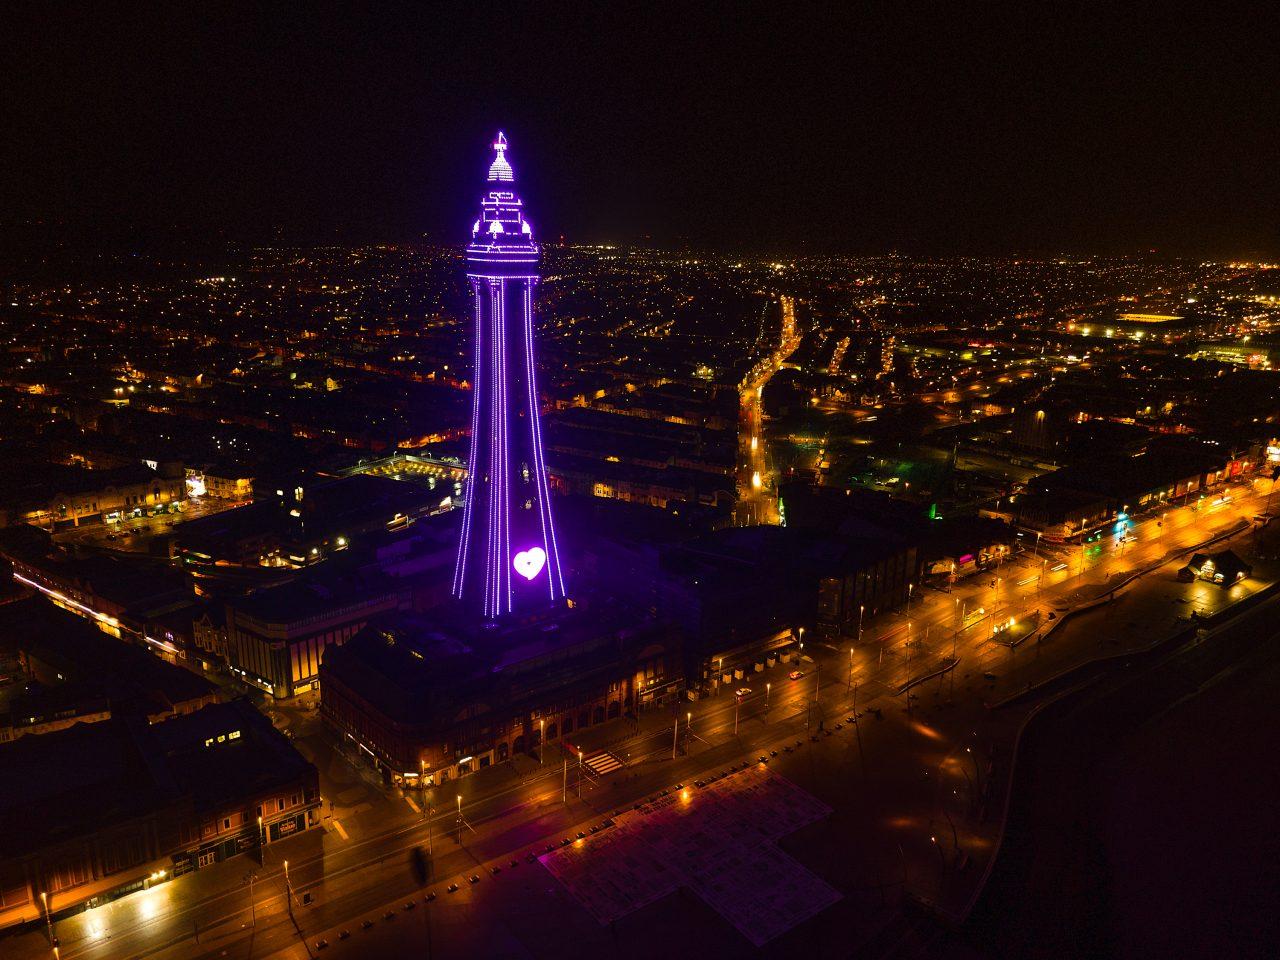 Landmarks light up for HMD 2021